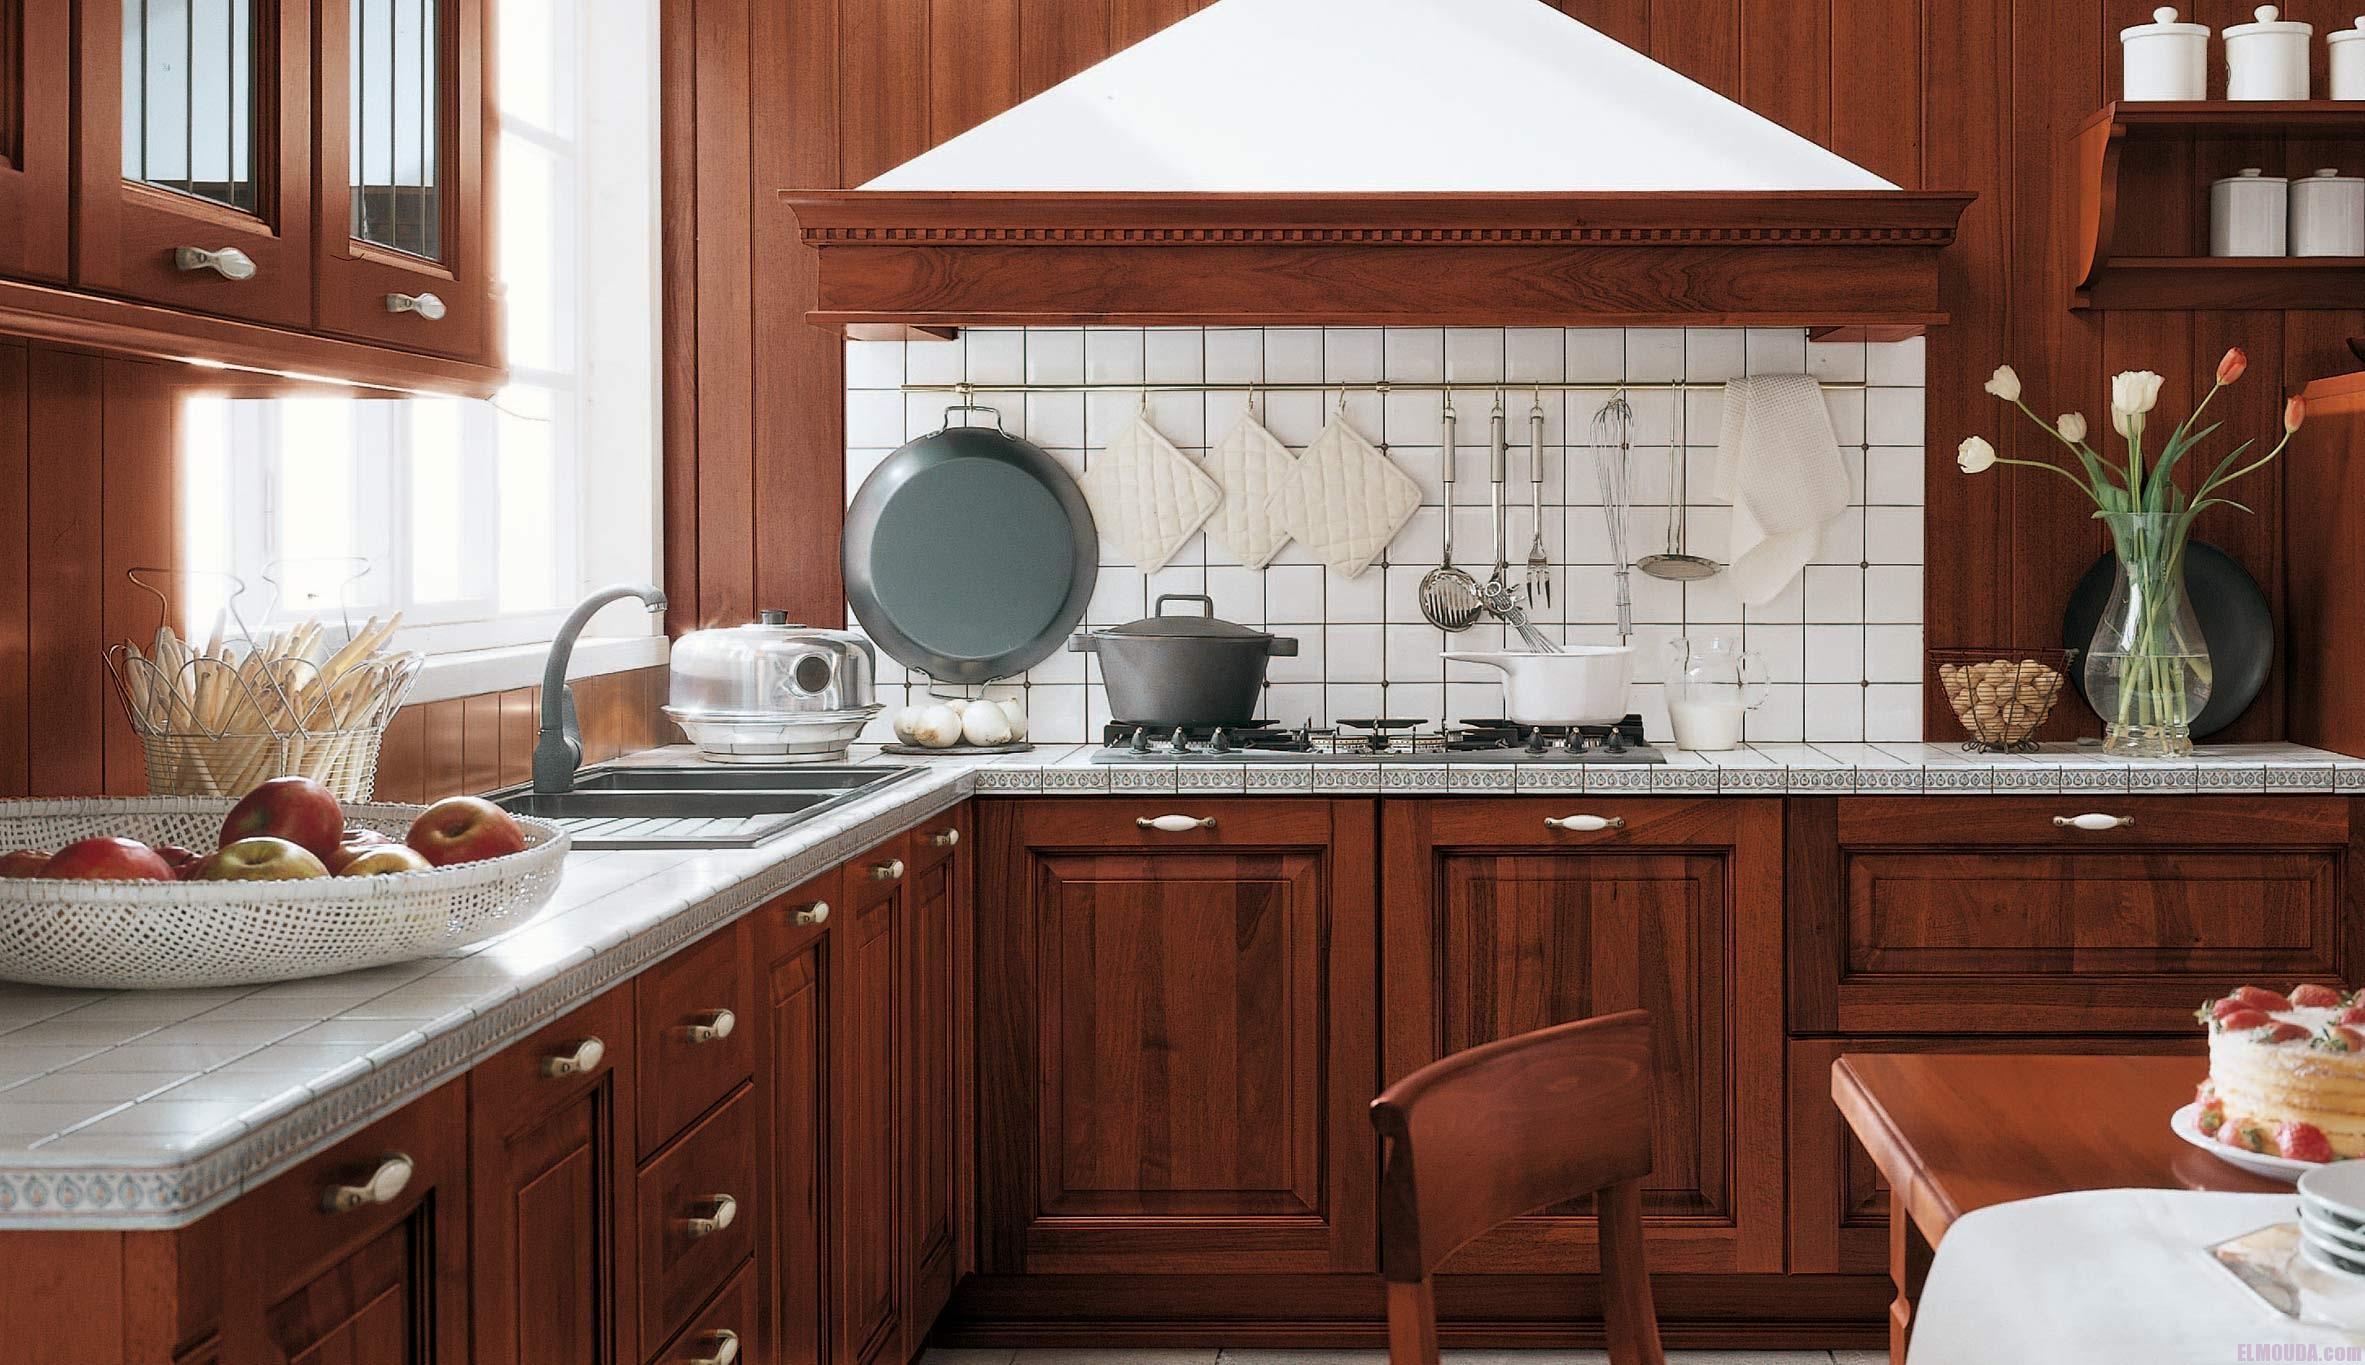 بالصور ديكور البيت , تصاميم لجميع غرف المنزل 1051 3